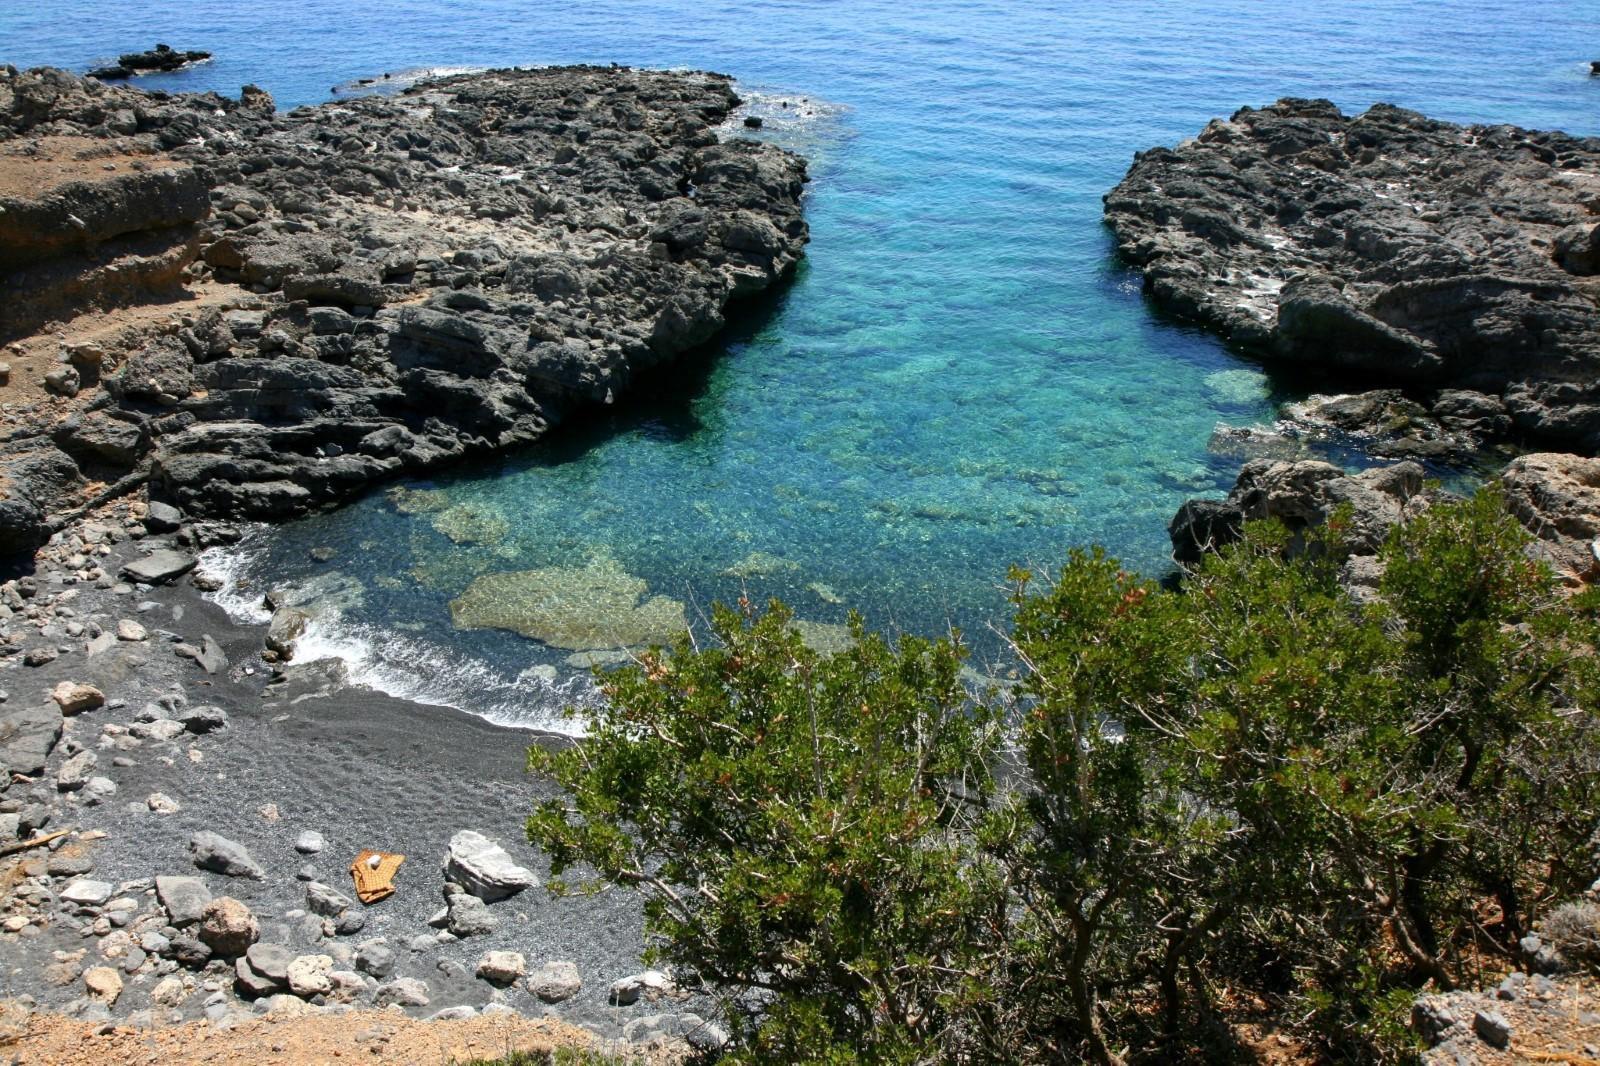 Μικρό / Μεγάλο Αγαδικό, Παραλία στο Ηράκλειο Κρήτης